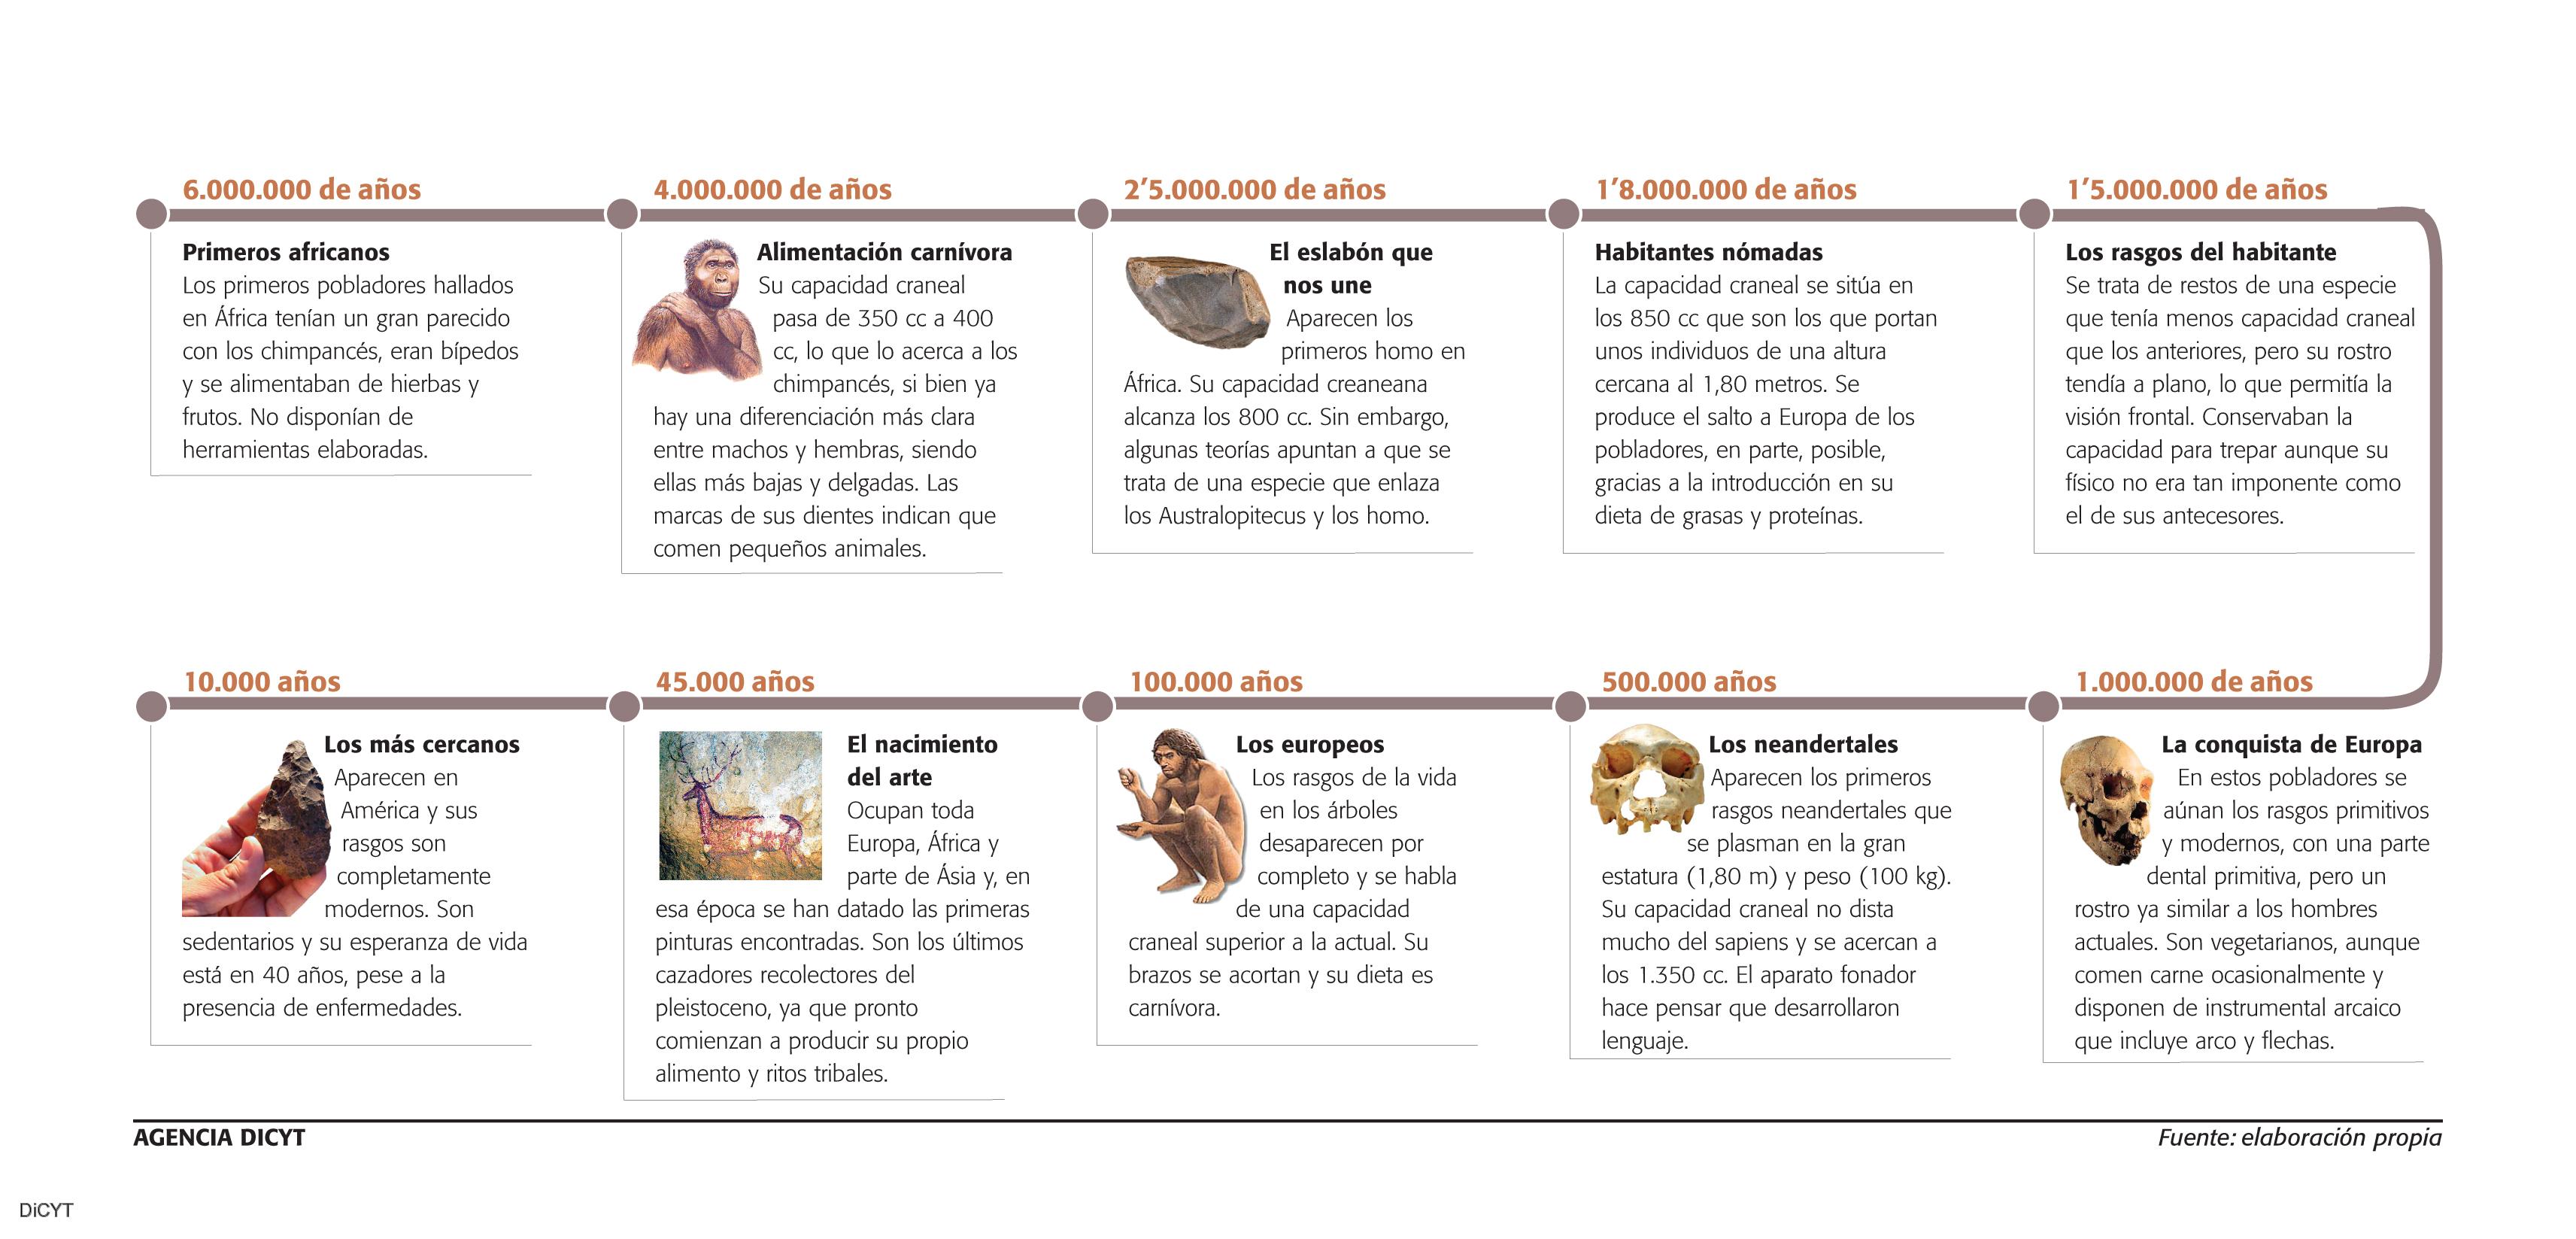 Gráfico sobre la evolución del Homo sapiens.